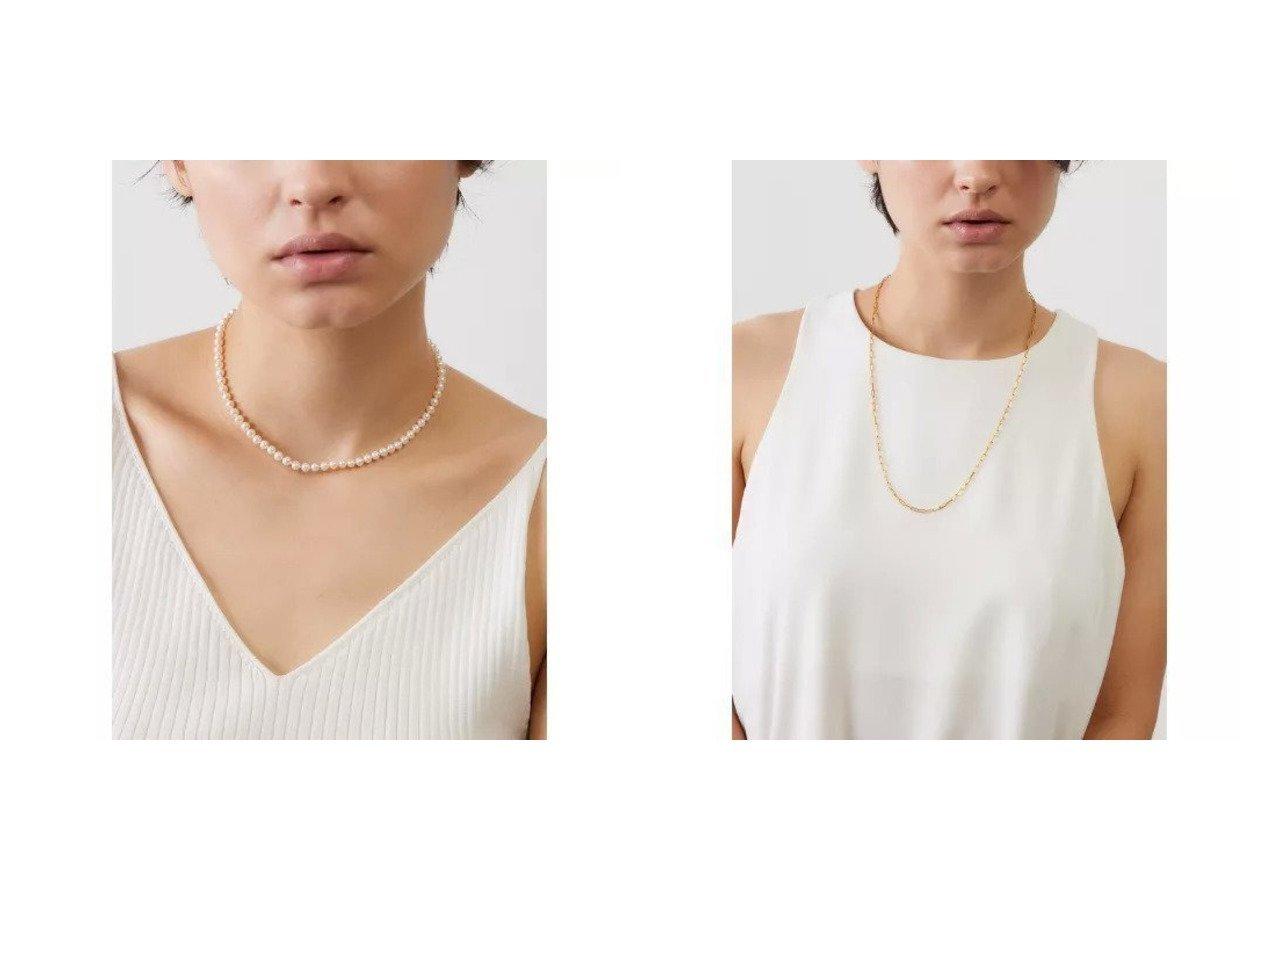 【MARIHA/マリハ】の月の夢ネックレスS_37cm&Silent Rain ロングレクタングルチェーンネックレス_60cm おすすめ!人気、トレンド・レディースファッションの通販  おすすめで人気の流行・トレンド、ファッションの通販商品 インテリア・家具・メンズファッション・キッズファッション・レディースファッション・服の通販 founy(ファニー) https://founy.com/ ファッション Fashion レディースファッション WOMEN ジュエリー Jewelry ネックレス Necklaces アクセサリー シルバー ジュエリー ネックレス パール クール コレクション チェーン バランス フェミニン モチーフ |ID:crp329100000062221